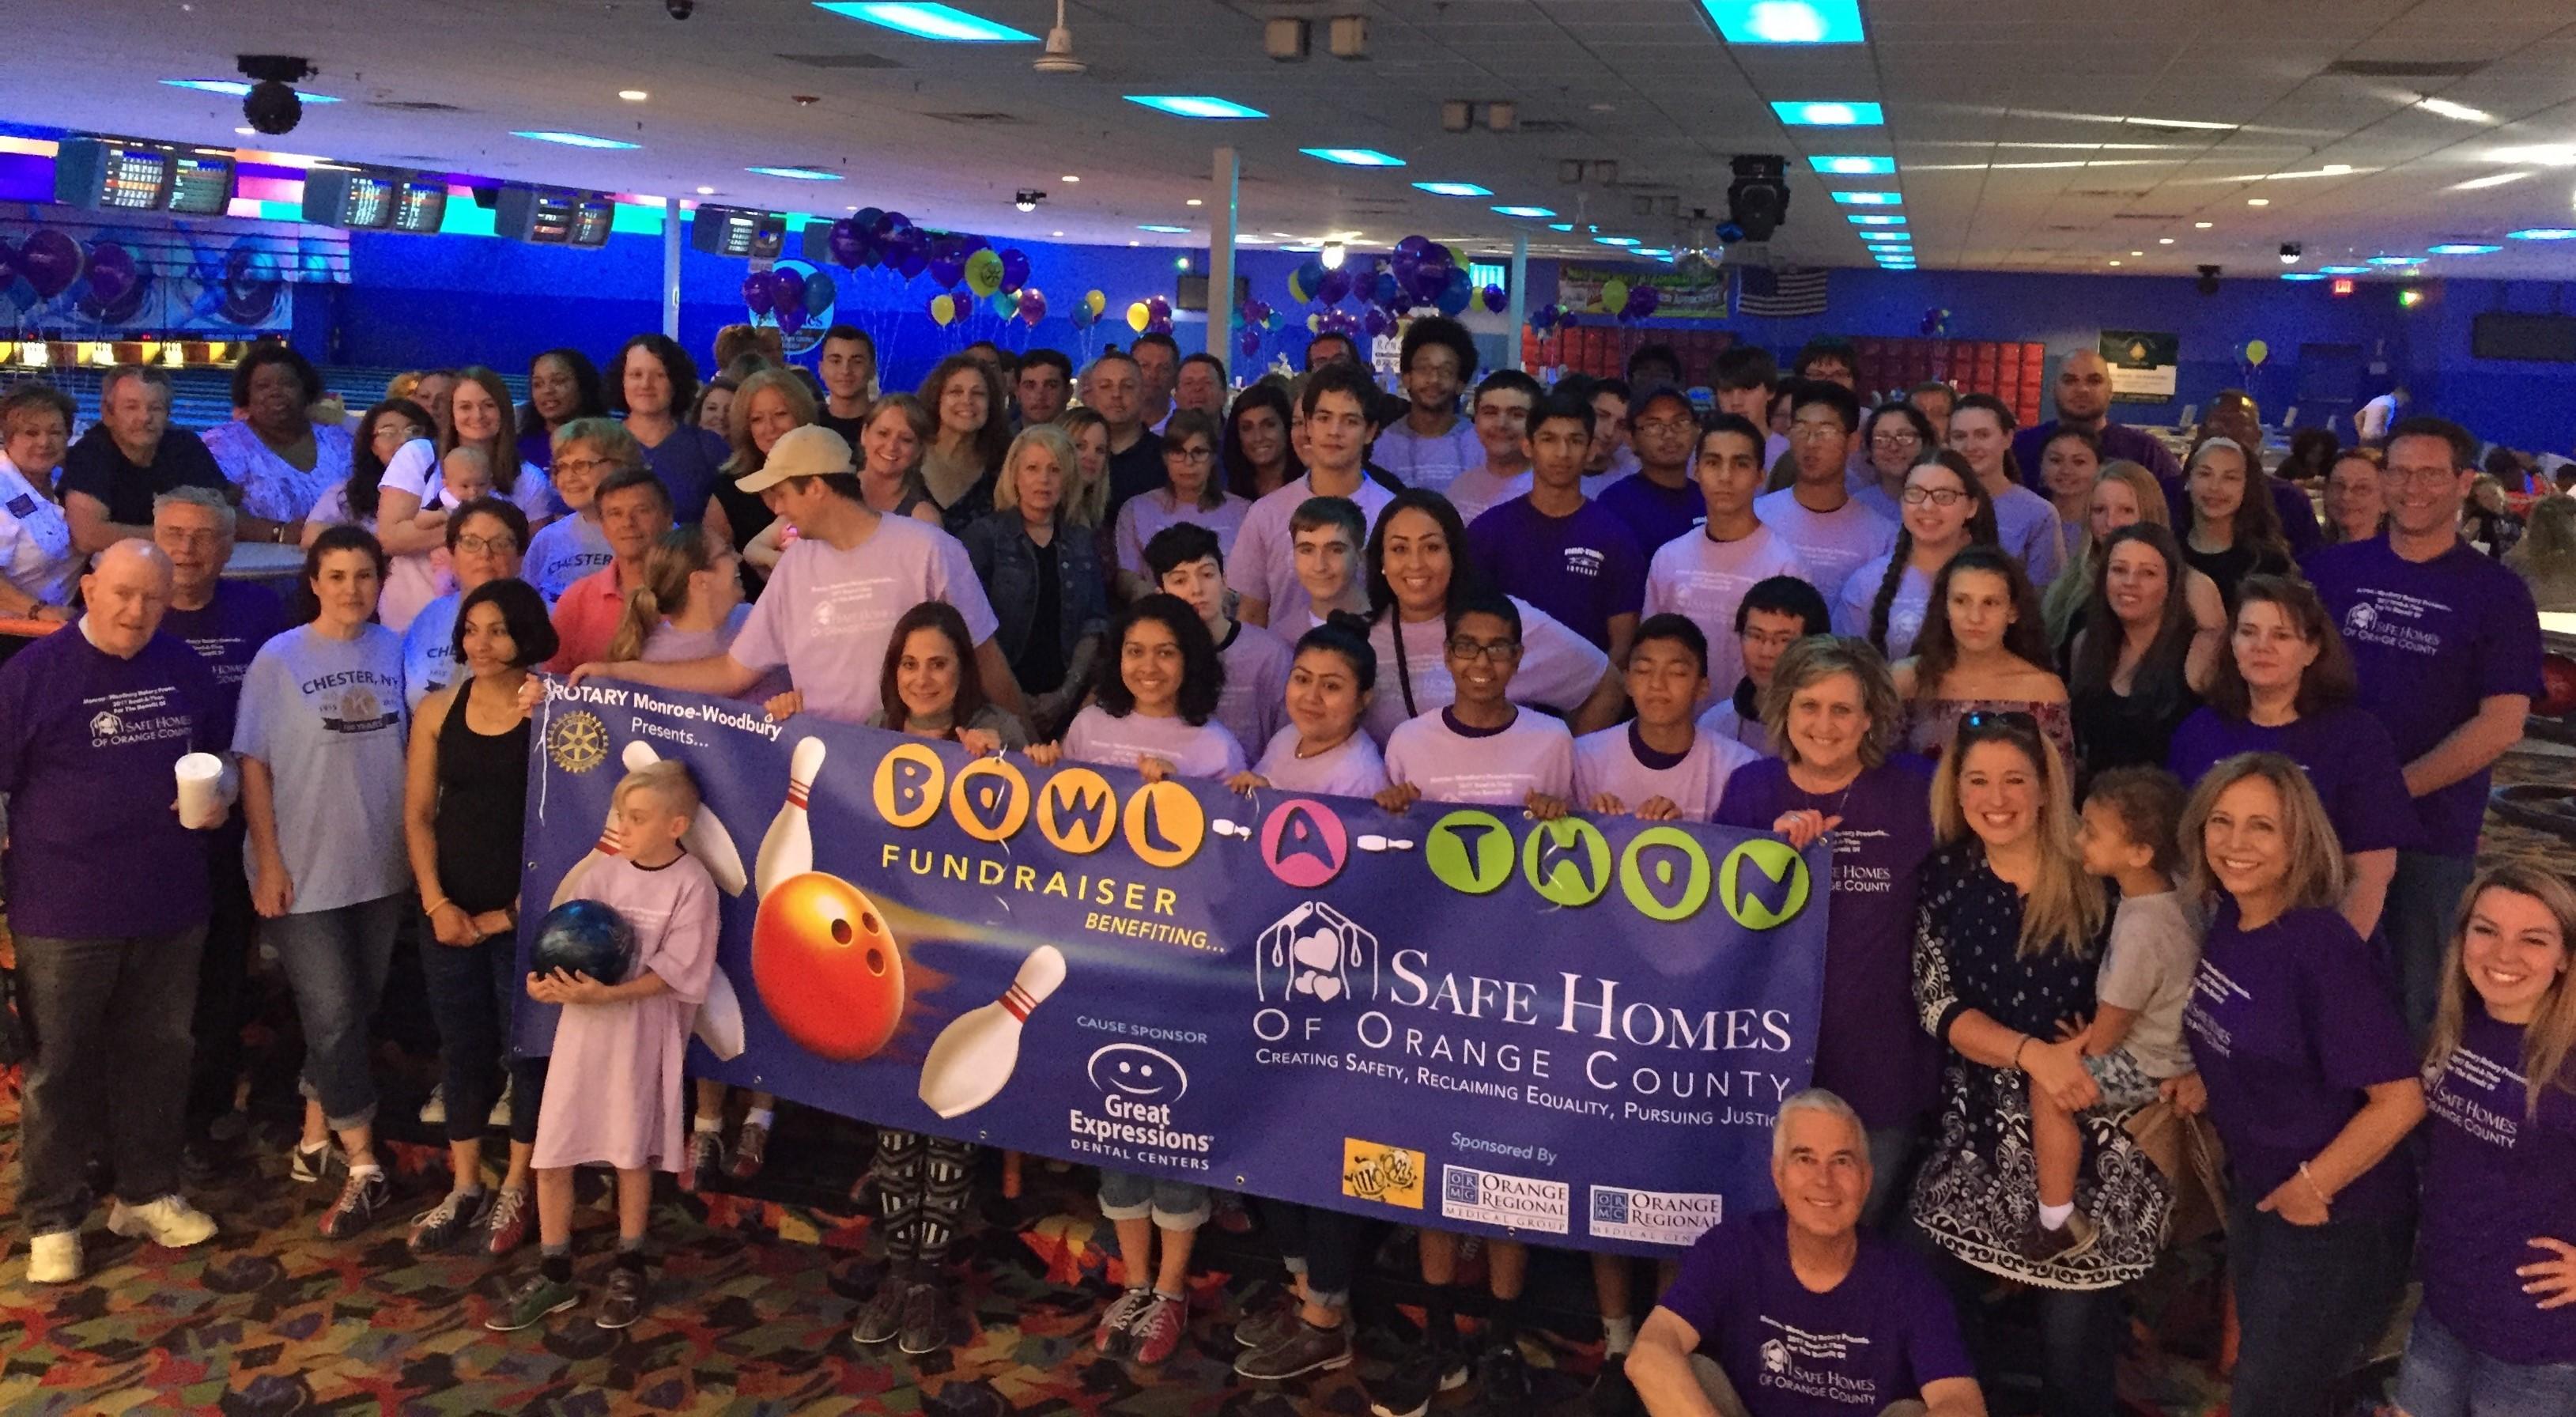 Third Annual Monroe-Woodbury Rotary Club Bowl-a-Thon